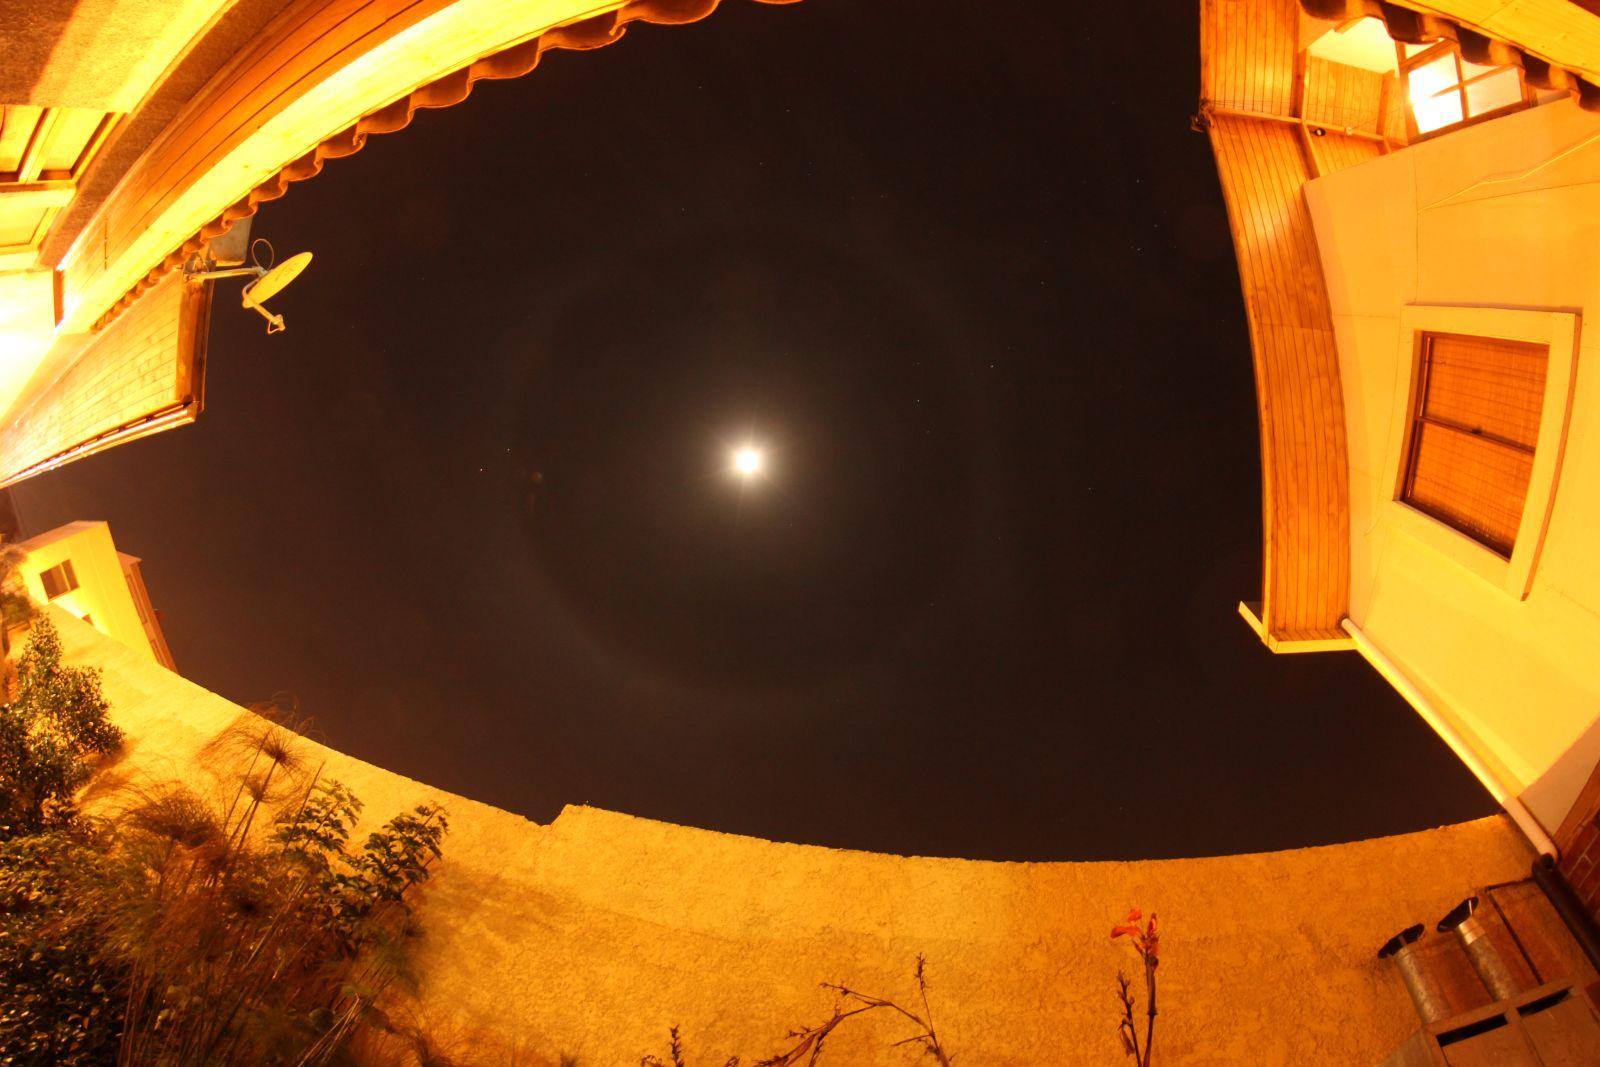 Als Bonus gab es vor Bedeckungsbeginn noch einen schönen 22°-Mondhalo zu sehen (8mm Fisheye)